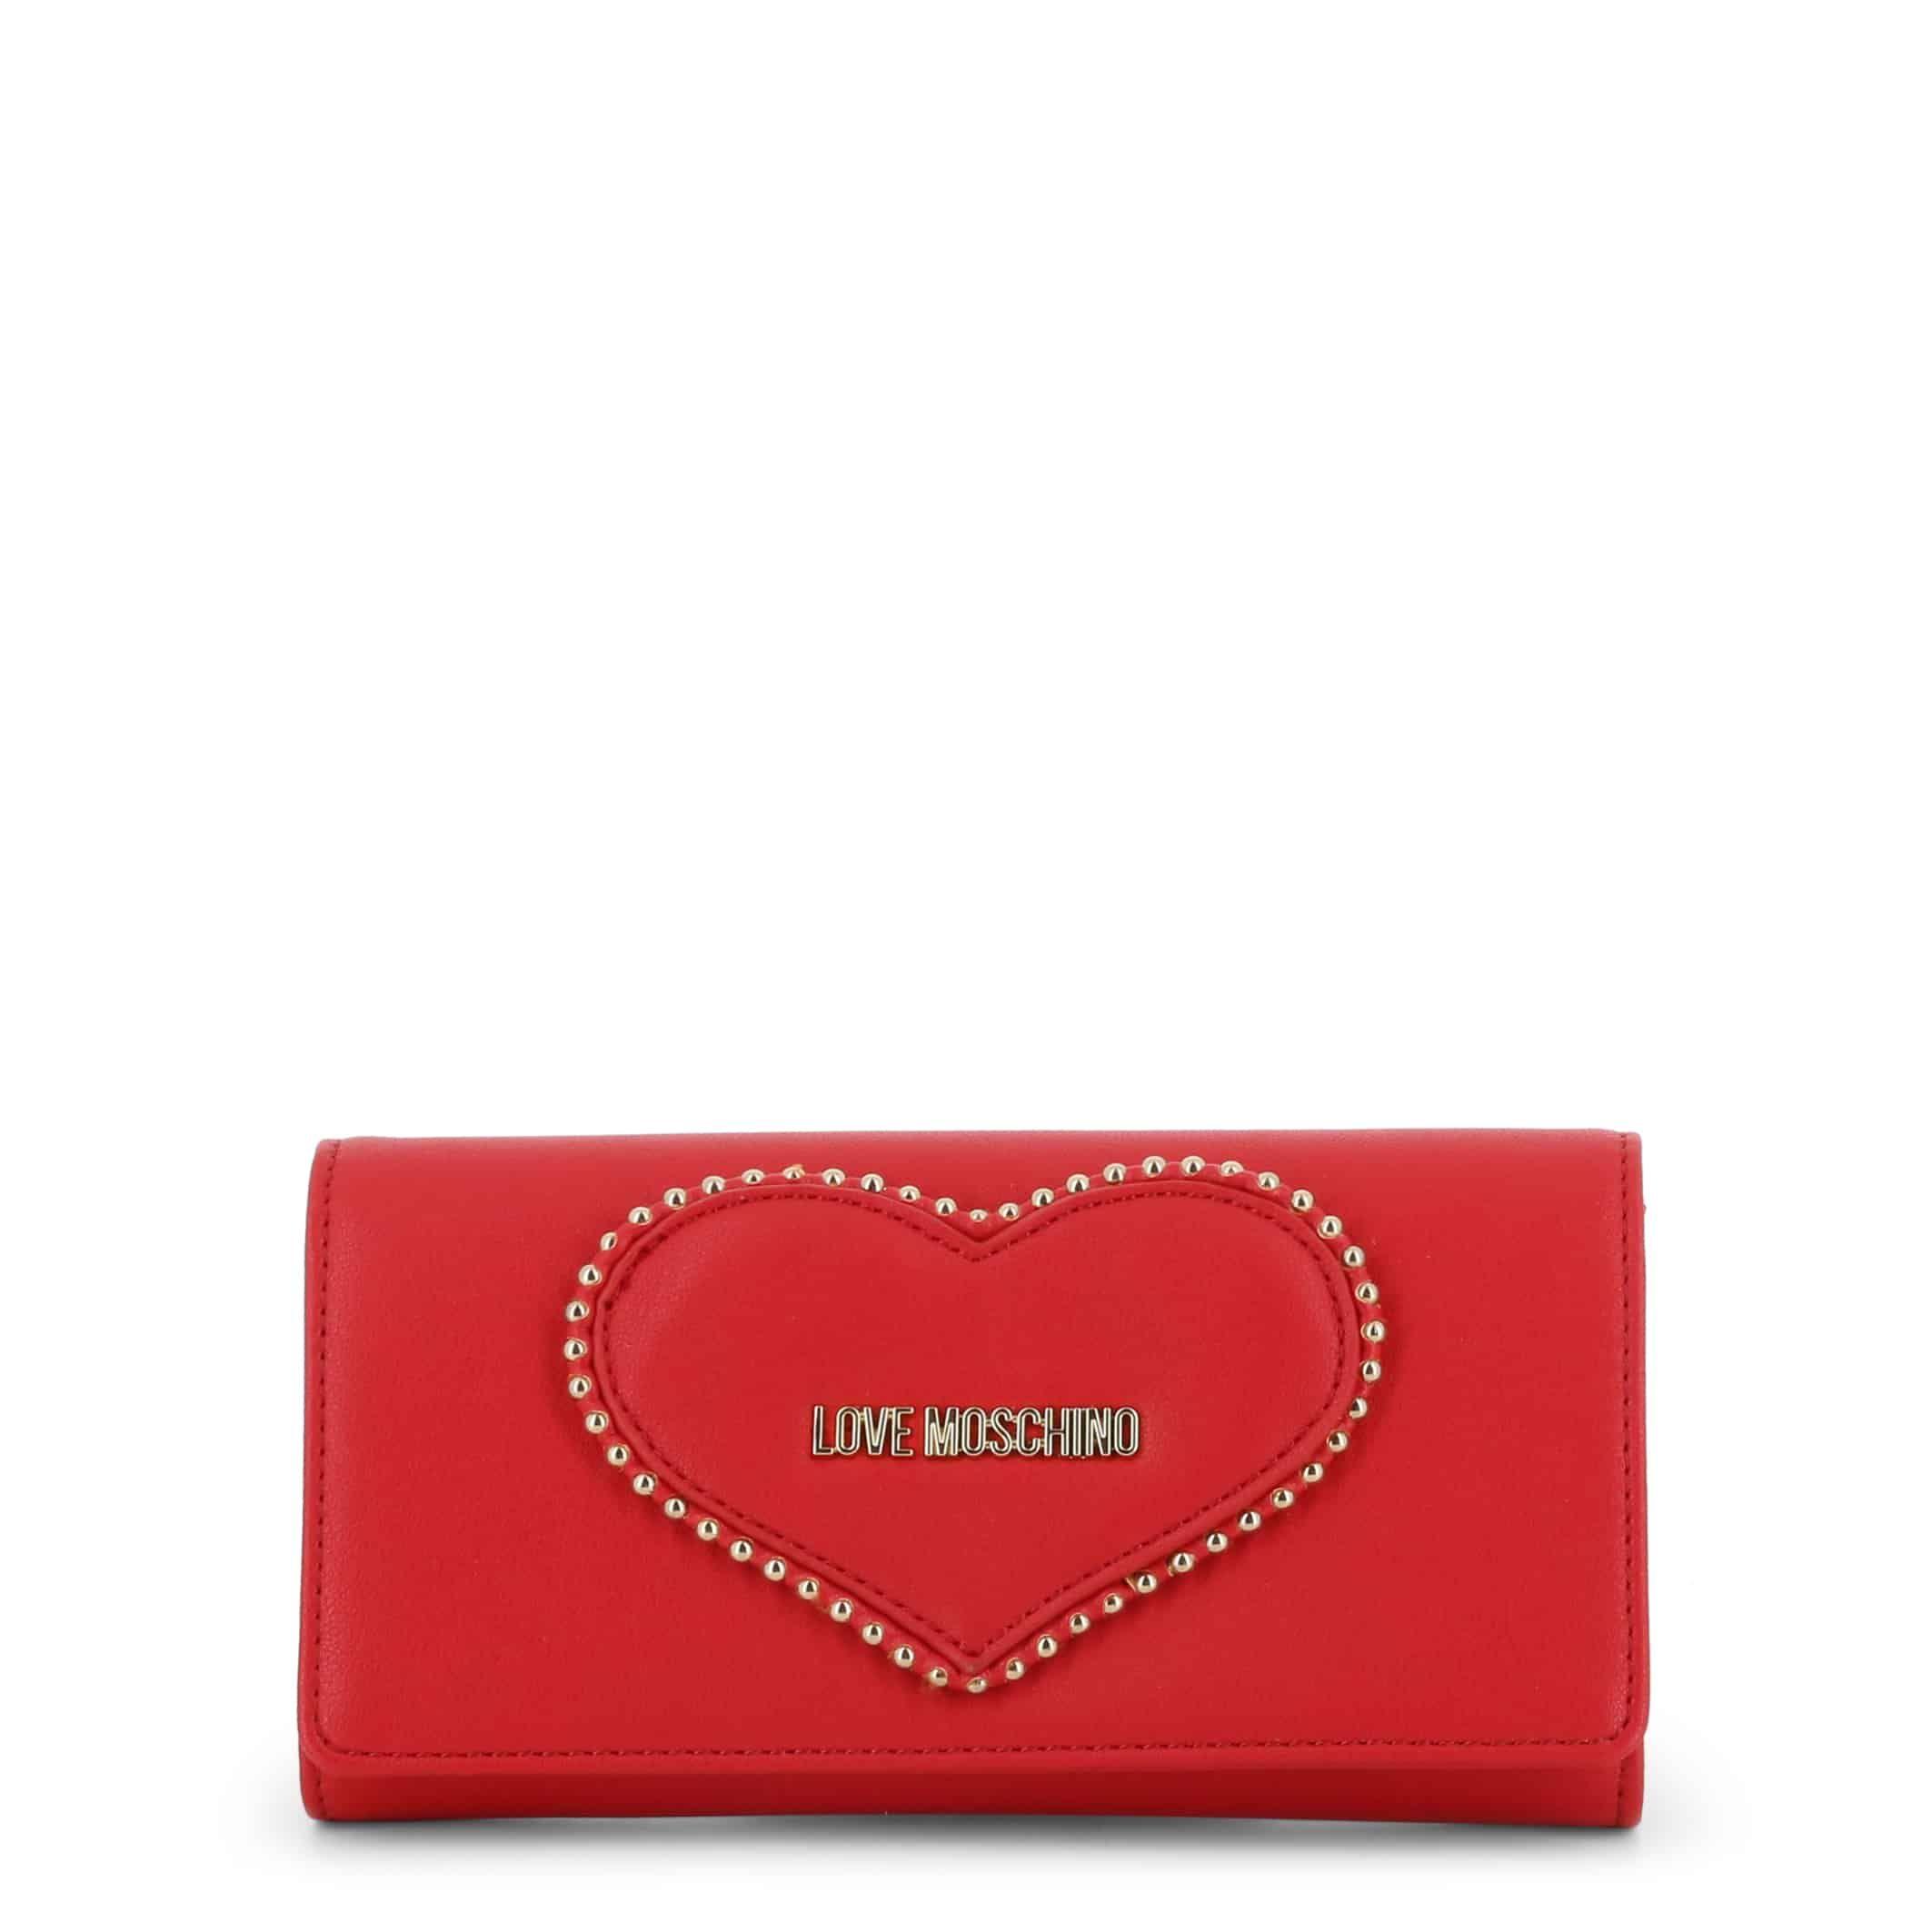 Pochettes Love Moschino – JC5640PP08KG